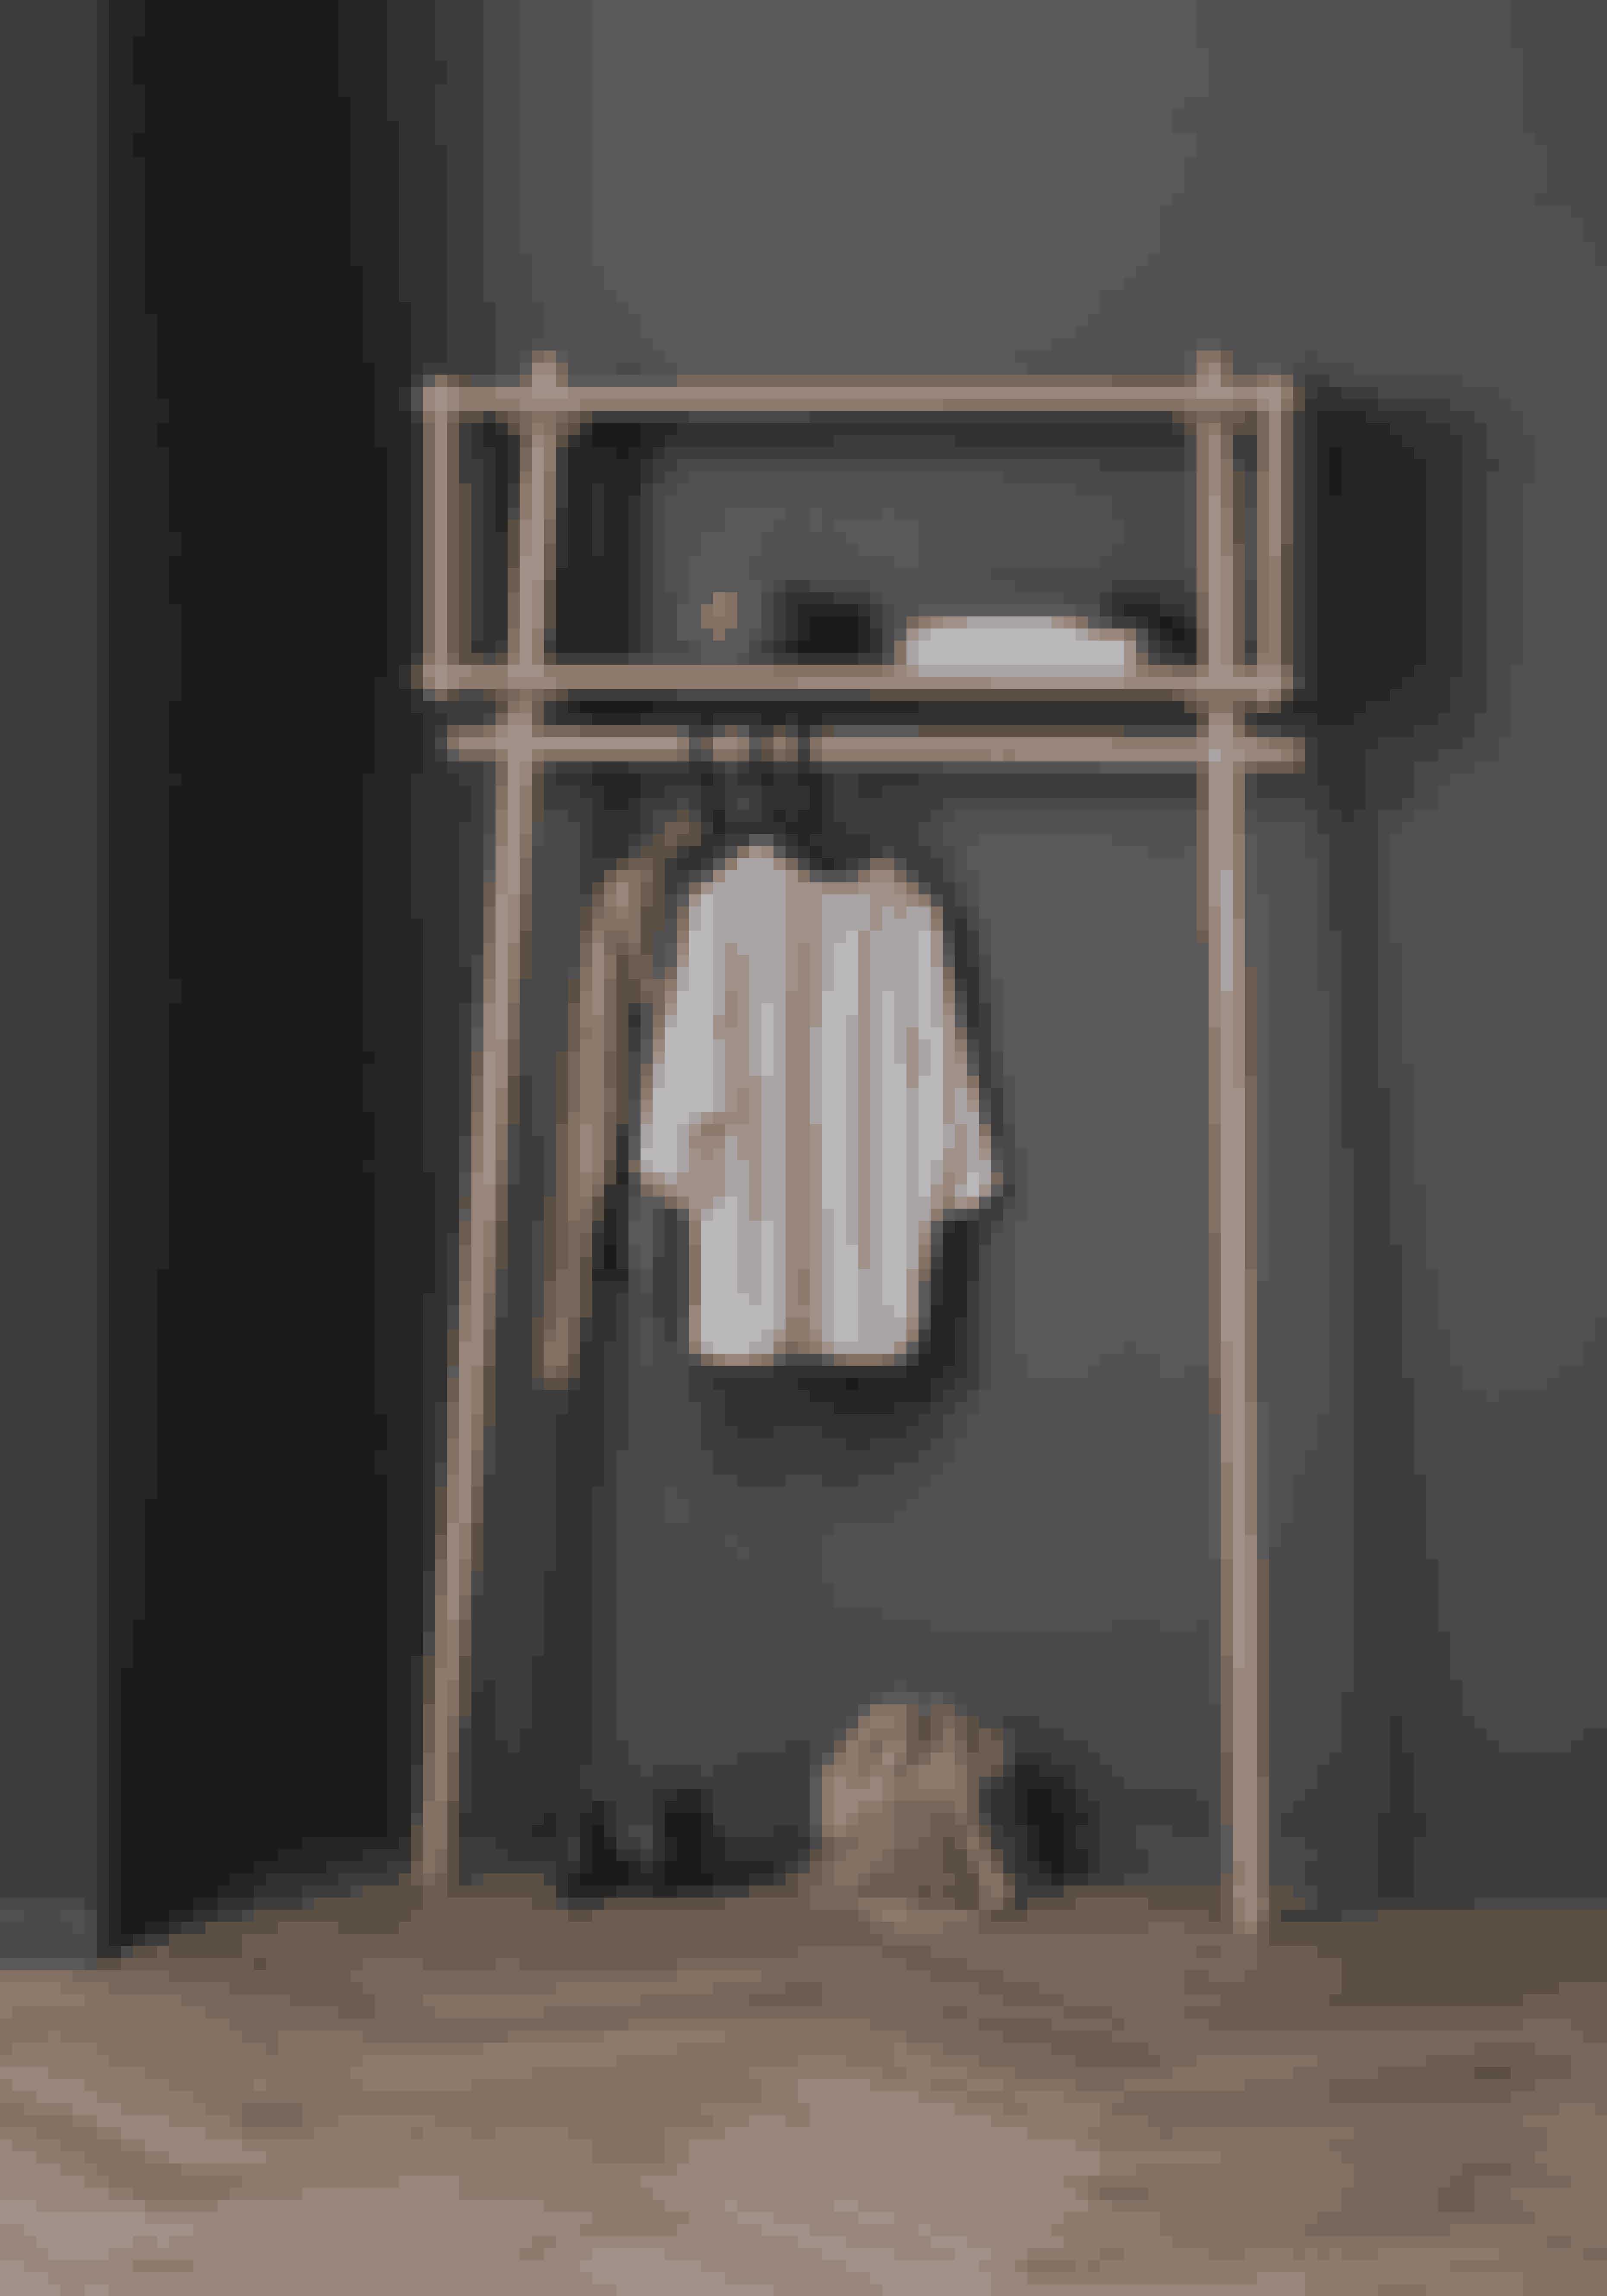 Töjbox, garderobestativ i egetræ. H 200 x B 112 x D 38 cm, 4.499 kr. (Woud).Kan købes online HER